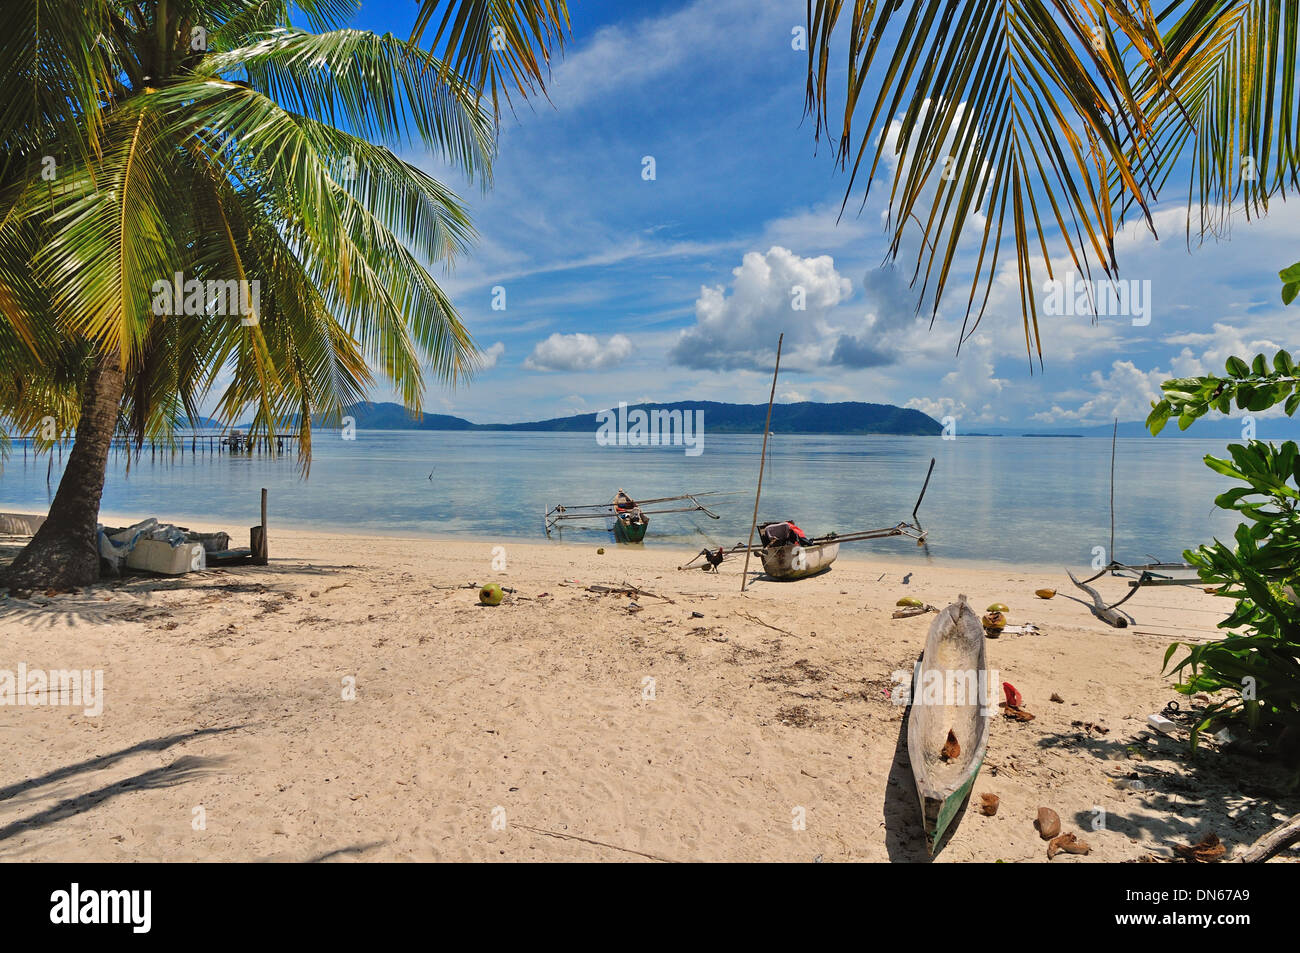 Arborek village, North Raja Ampat, West Papua, Indonesia - Stock Image